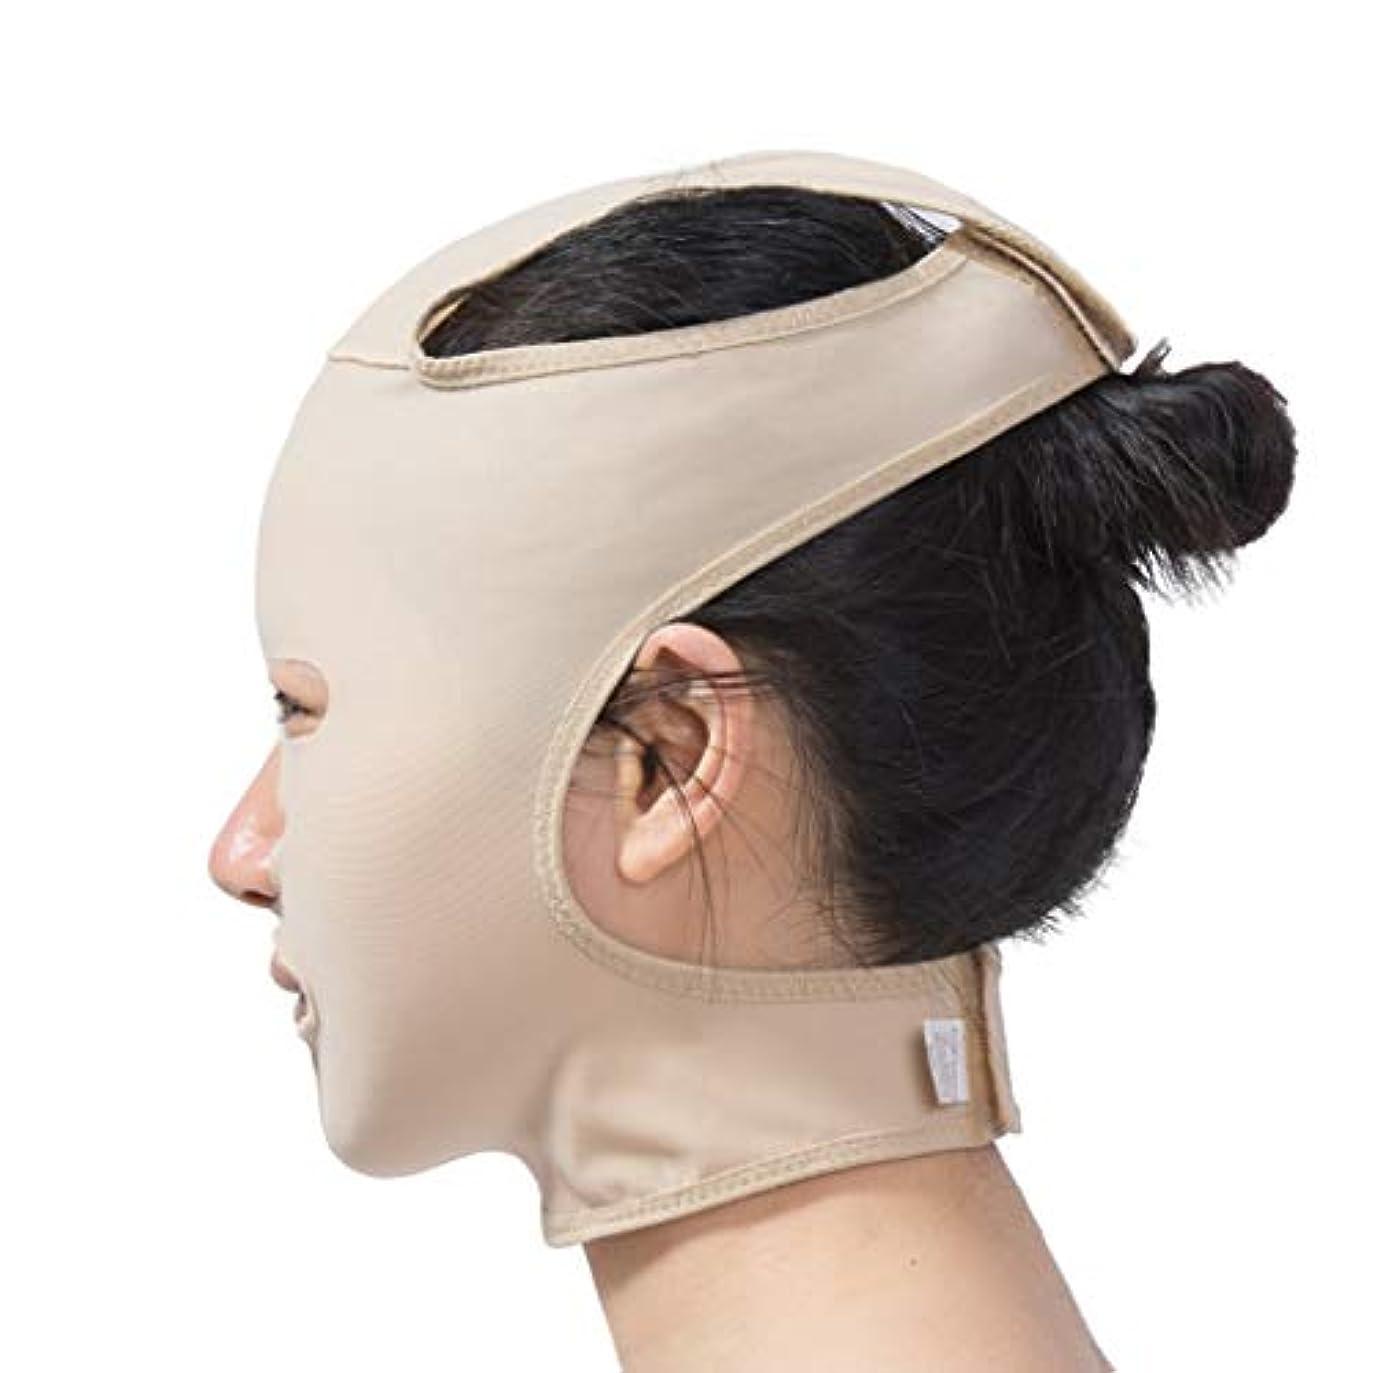 イーウェル廃止する不合格XHLMRMJ フェイスリフトマスク、フルフェイスマスク医療グレード圧力フェイスダブルチンプラスチック脂肪吸引術弾性包帯ヘッドギア後の顔の脂肪吸引術 (Size : XL)